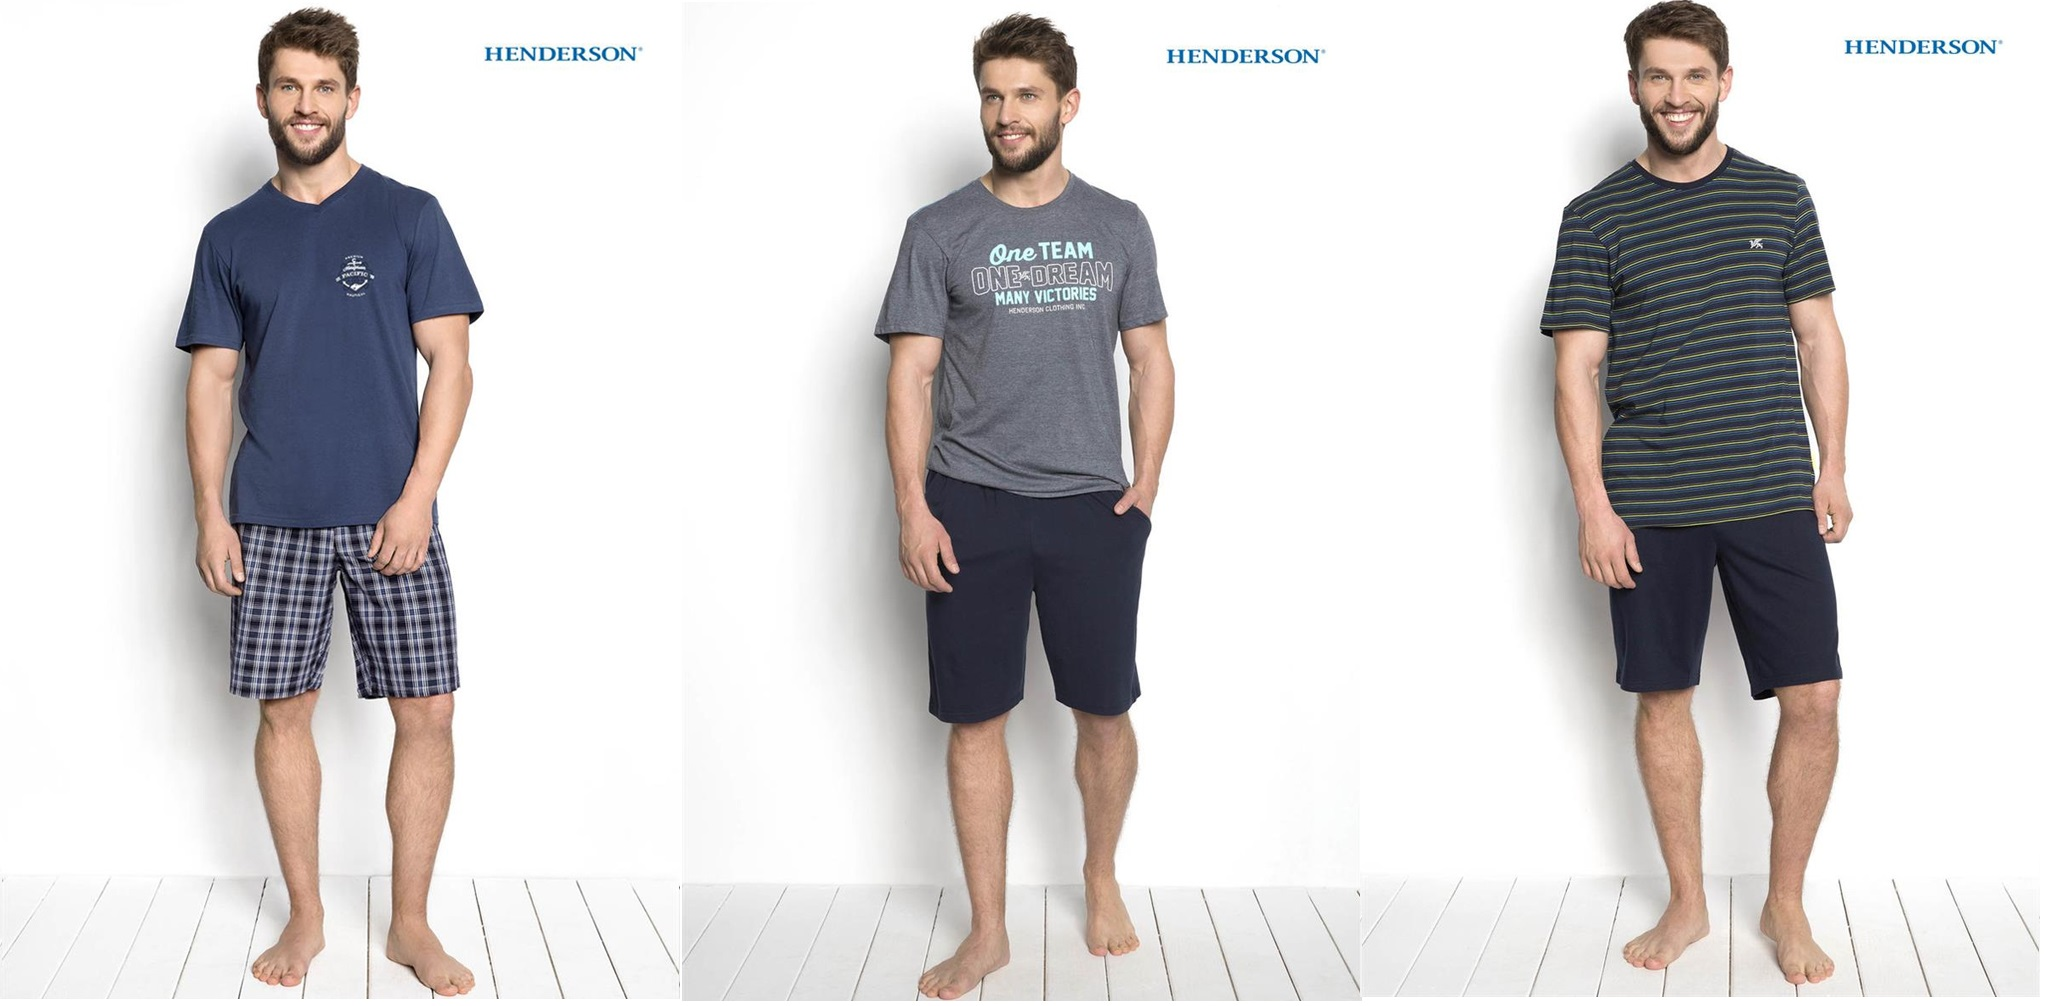 Мужские пижамы одежда для дома и сна Henderson купить в интернет-магазине Киев